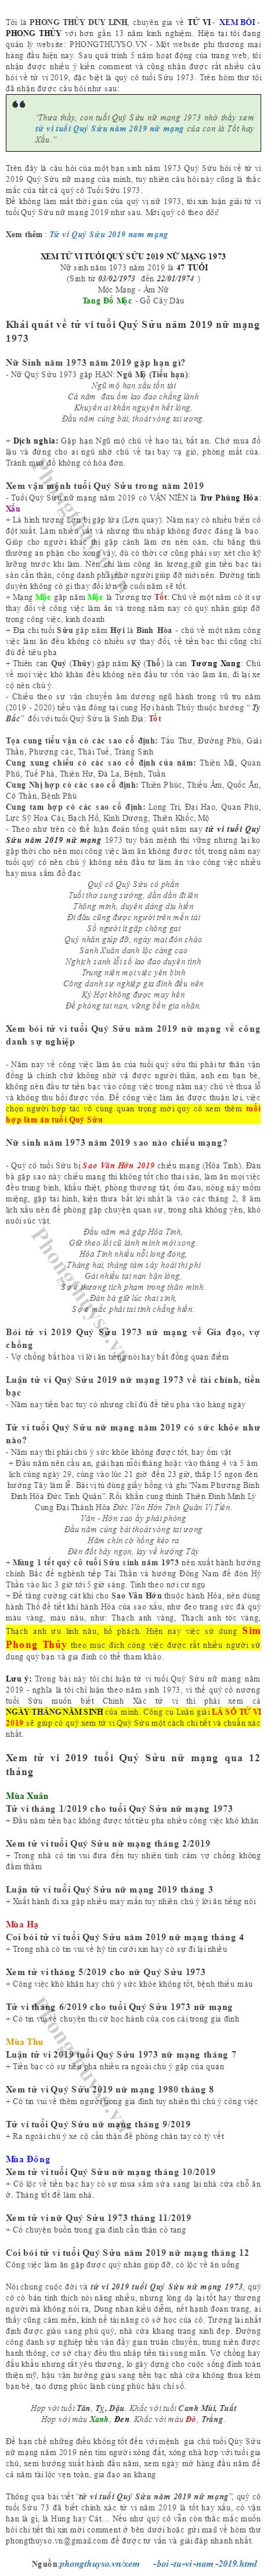 tu-vi-tuoi-quy-suu-nam-2019-nu-mang